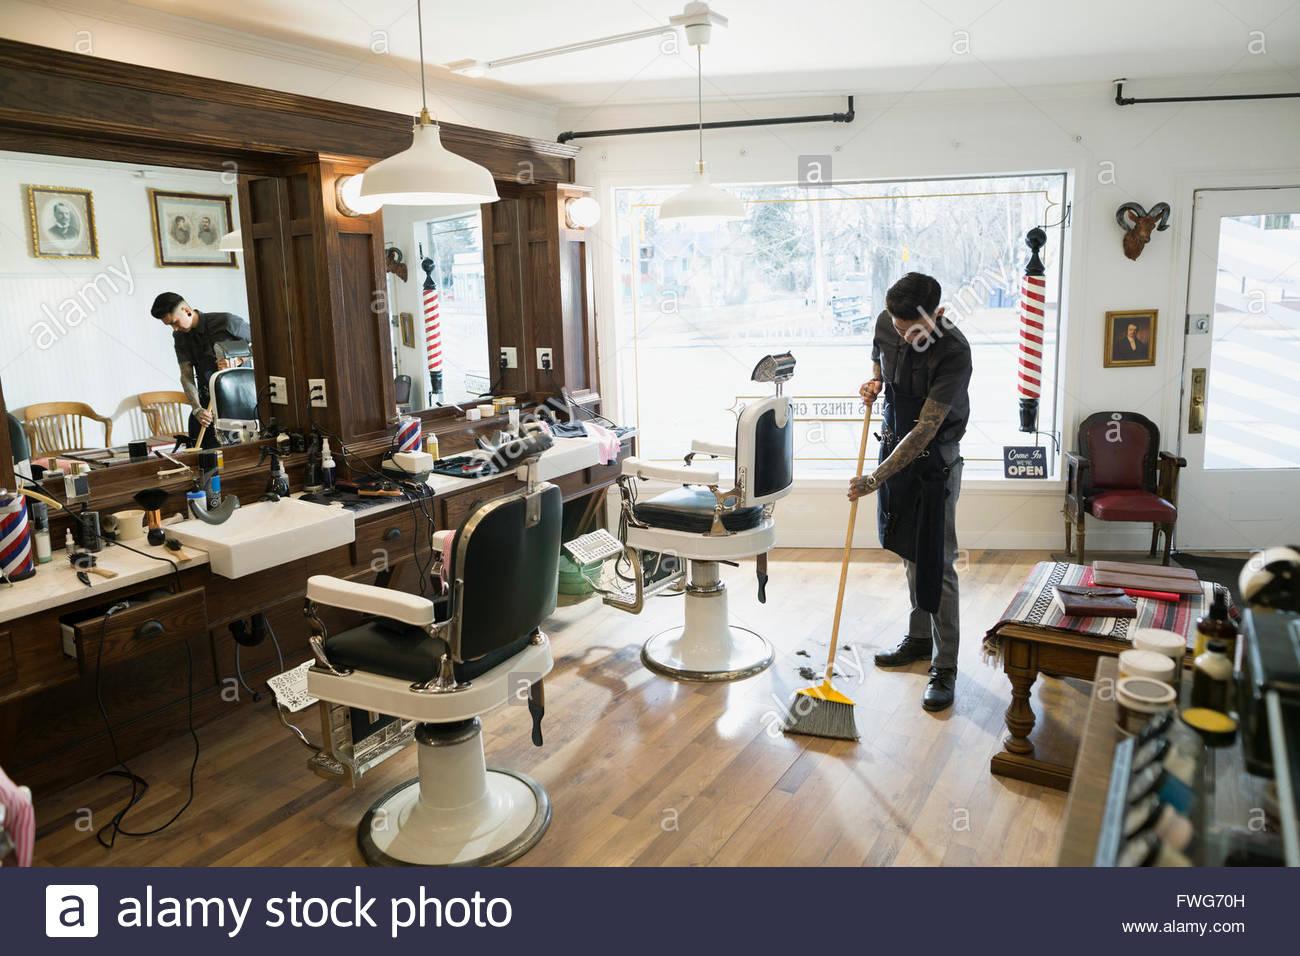 Barber sweeping floor in barber shop - Stock Image